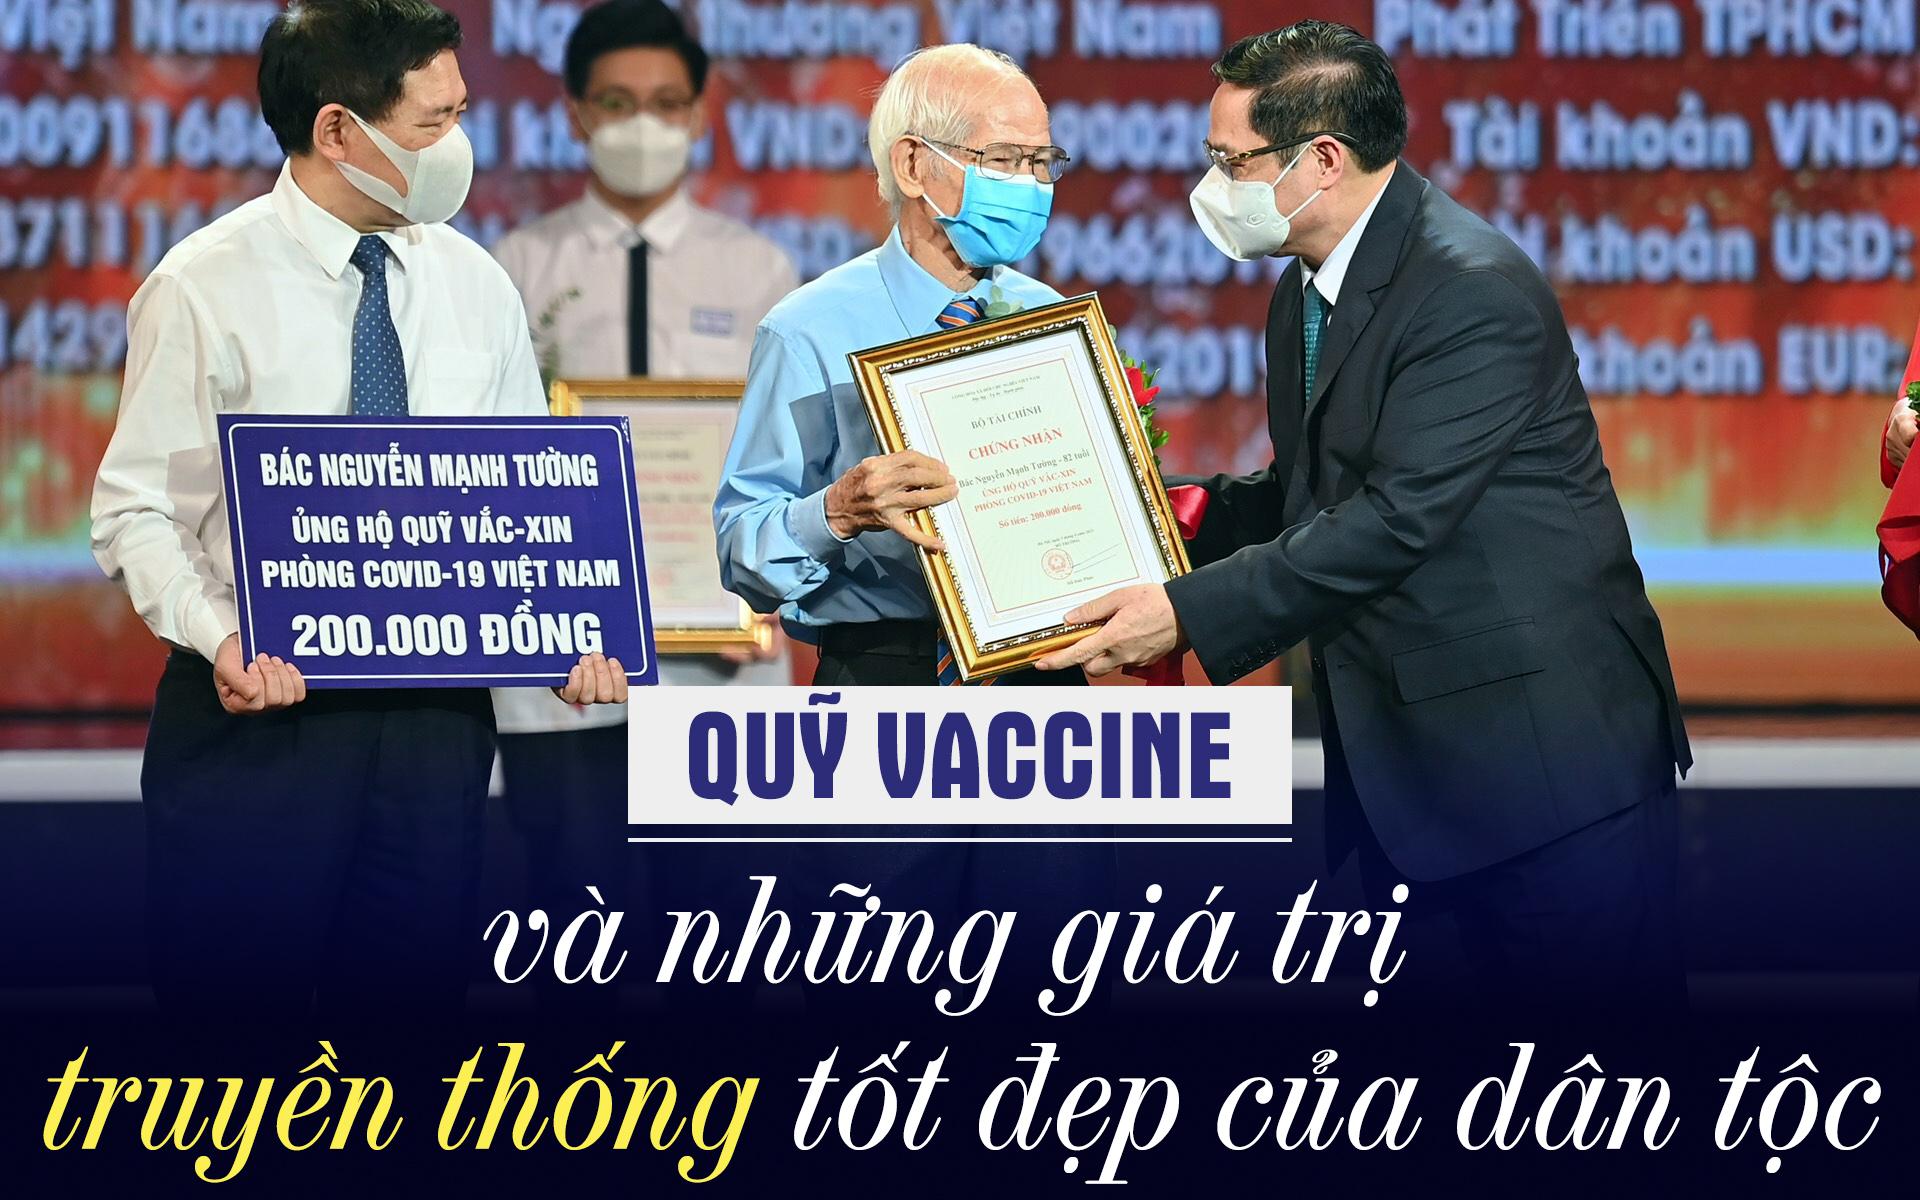 Quỹ Vaccine và những giá trị truyền thống tốt đẹp của dân tộc -0